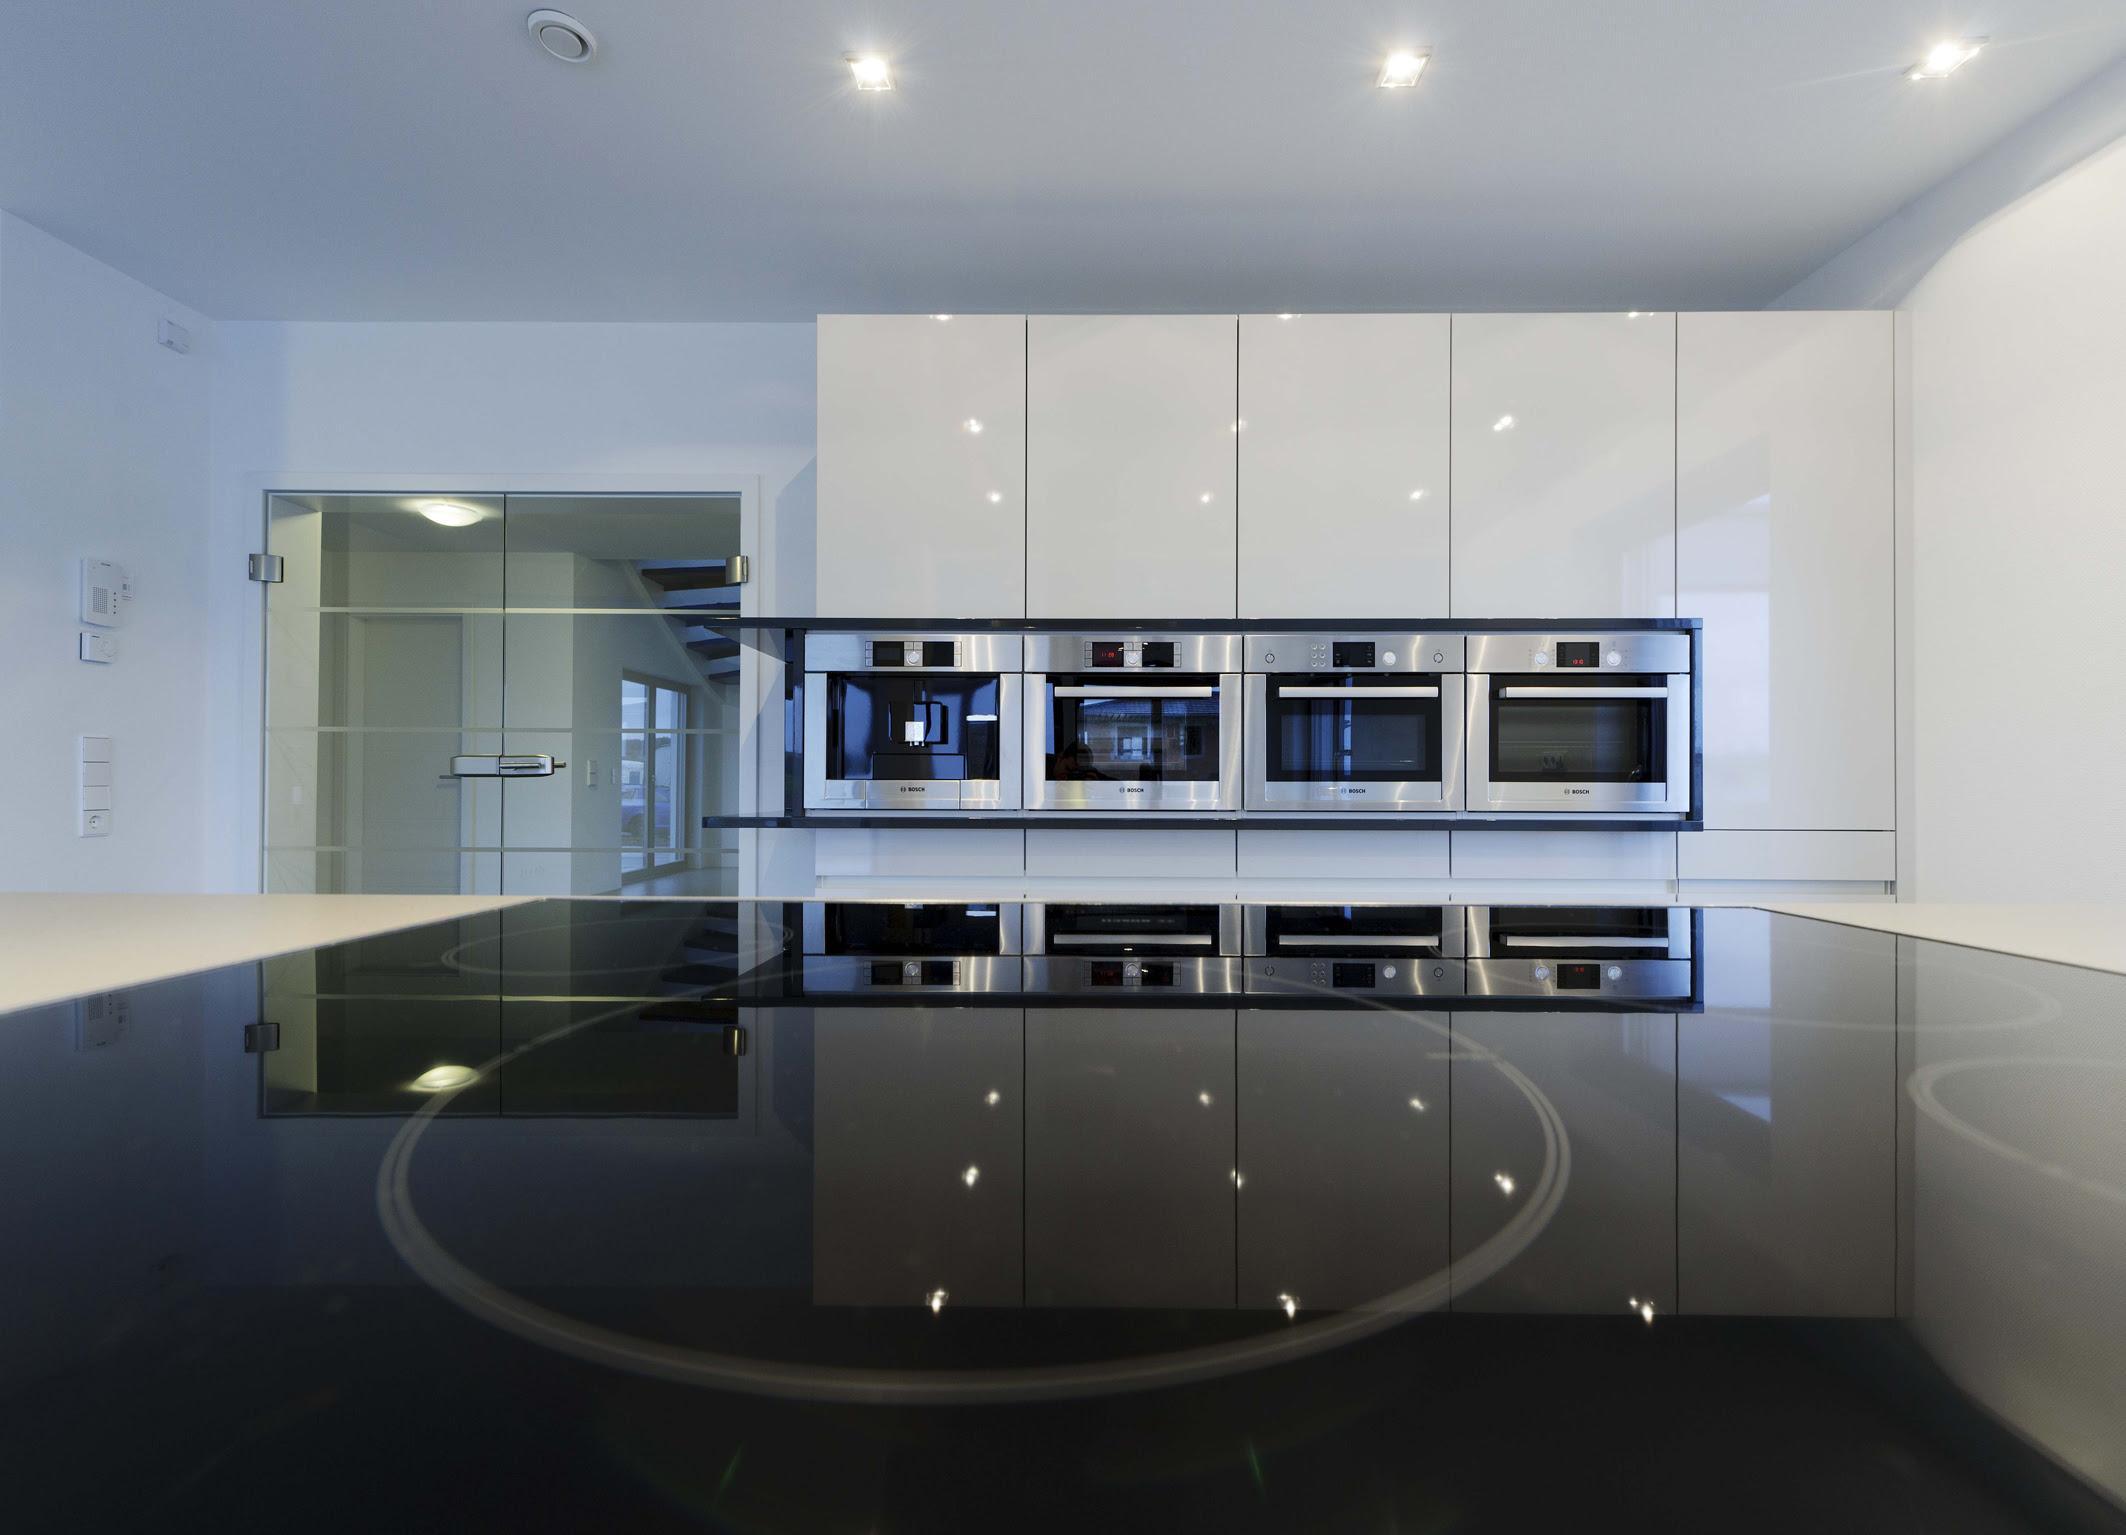 kuchenblock mit elektrogeraten, küche günstig mit elektrogeräten. kidkraft küche einbauschrank, Design ideen